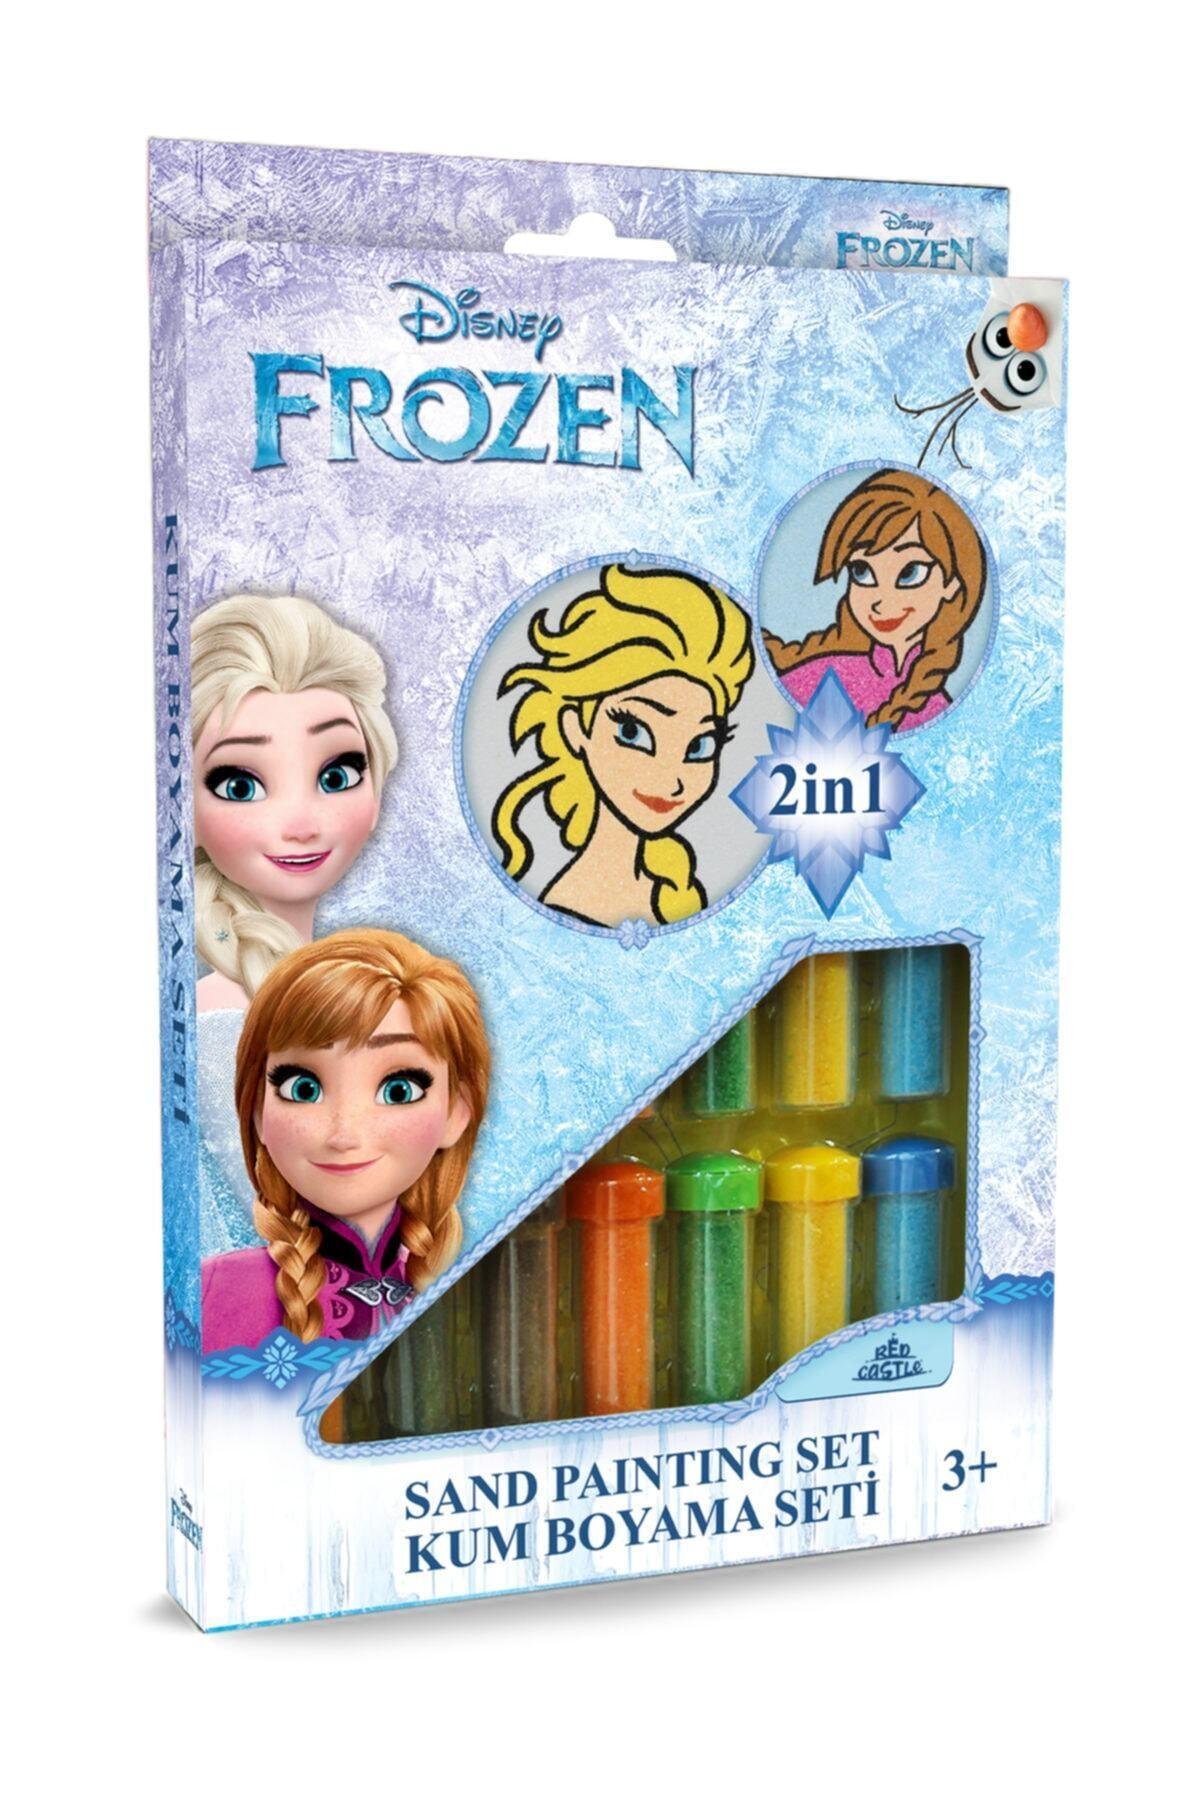 Frozen Kum Boyama Seti 2 in 1